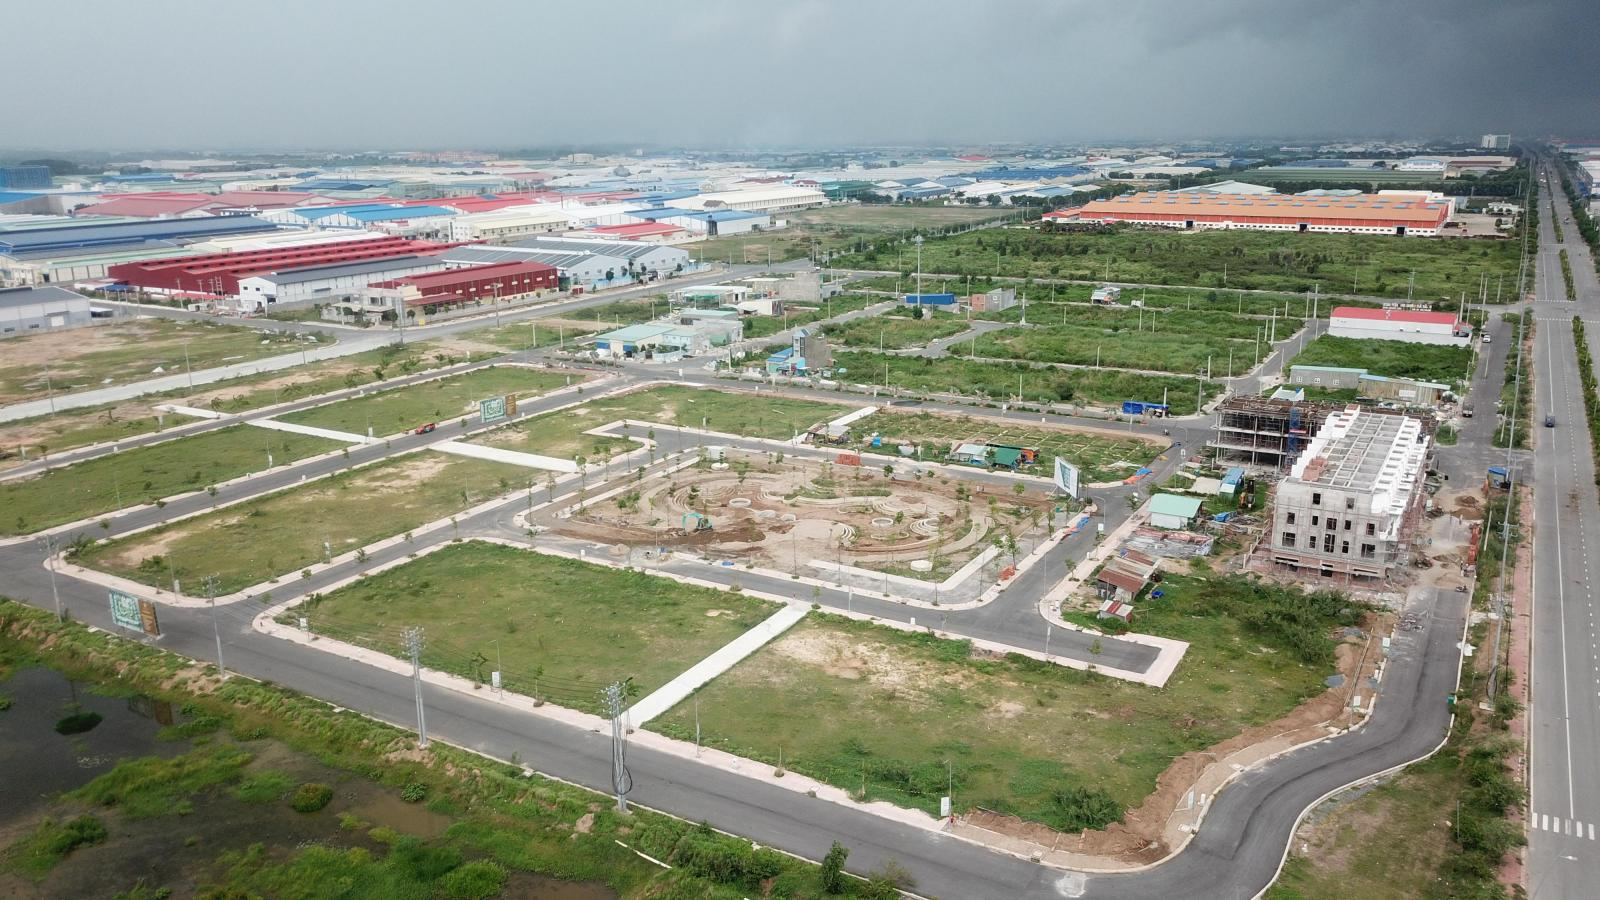 Hình ảnh một dự án đô thị đang triển khai phía Nam